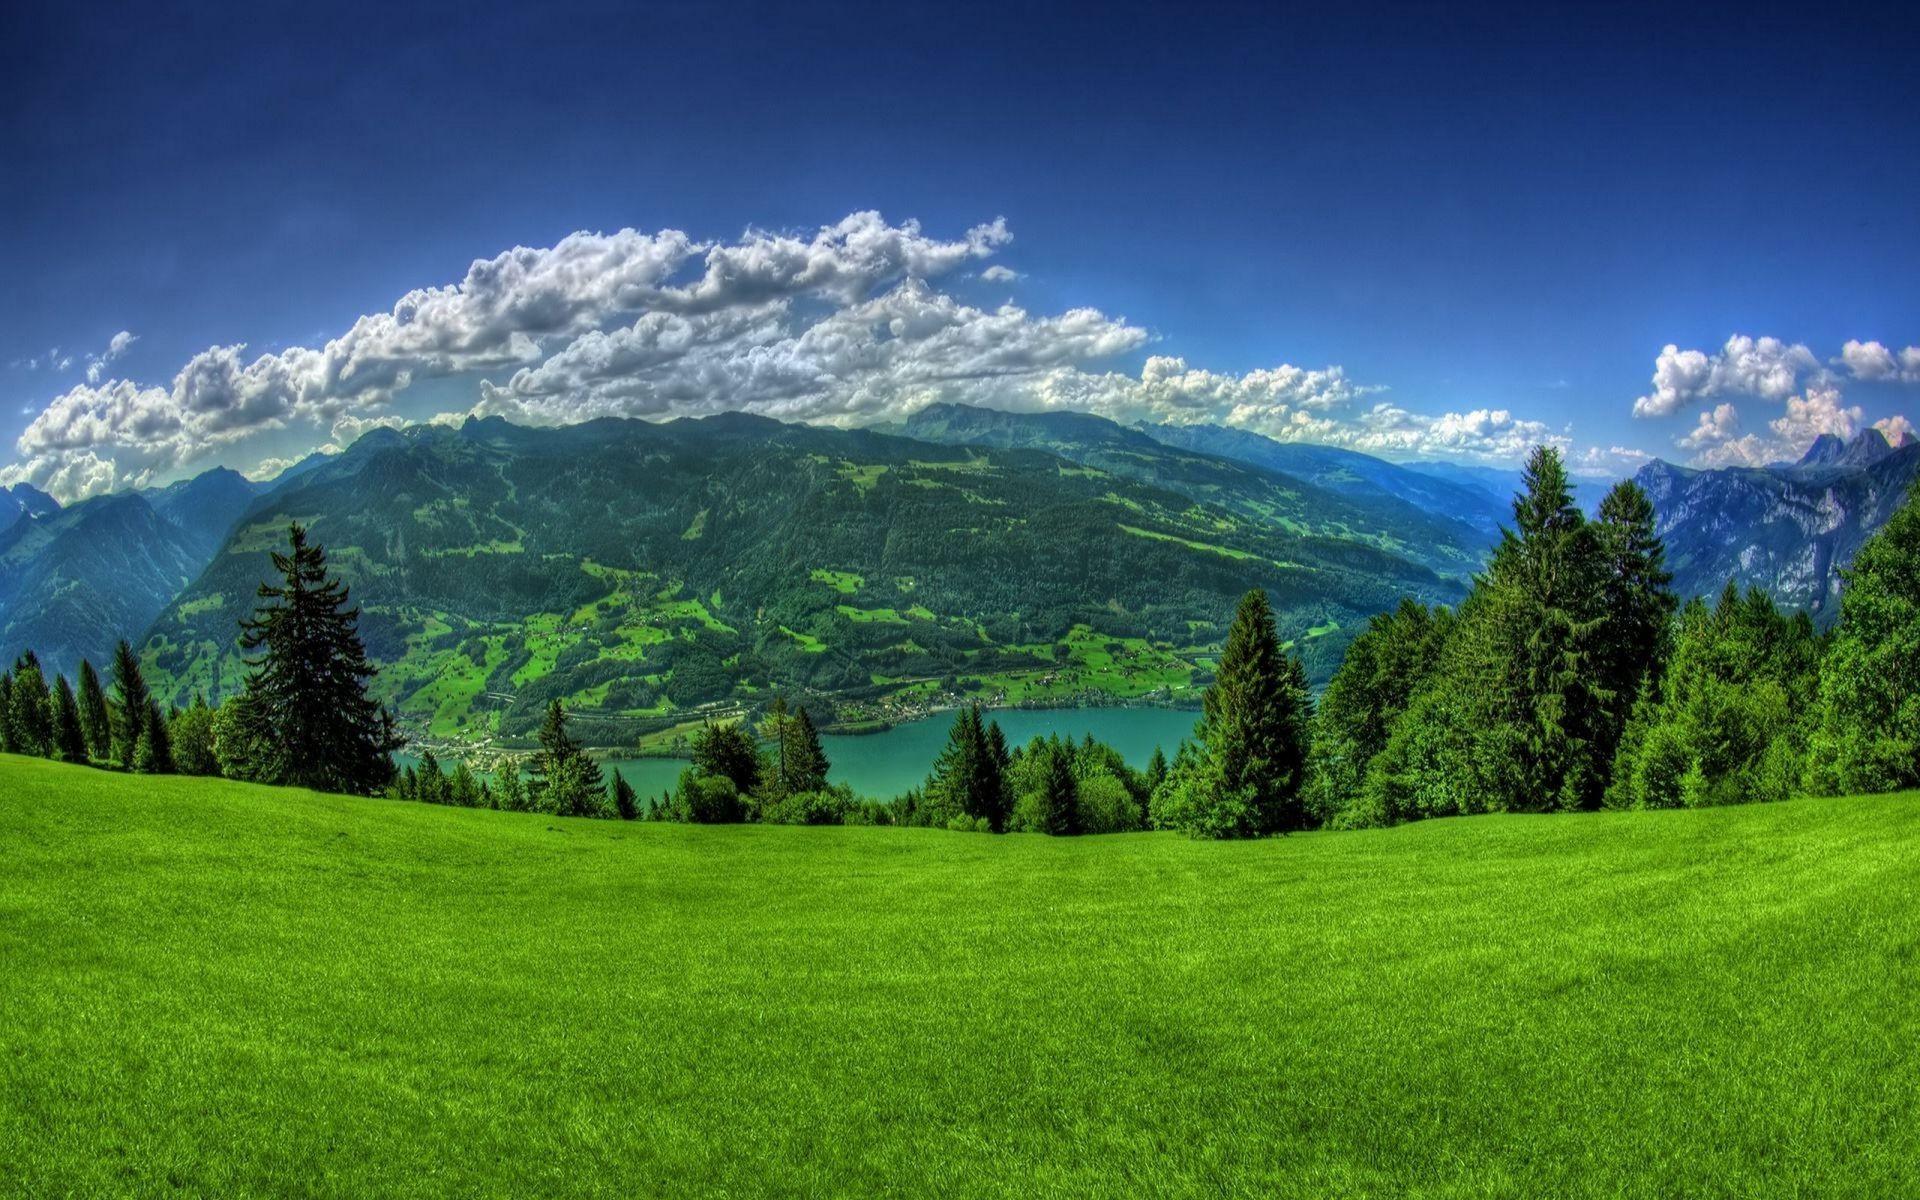 горы растительность лучи солнца без смс